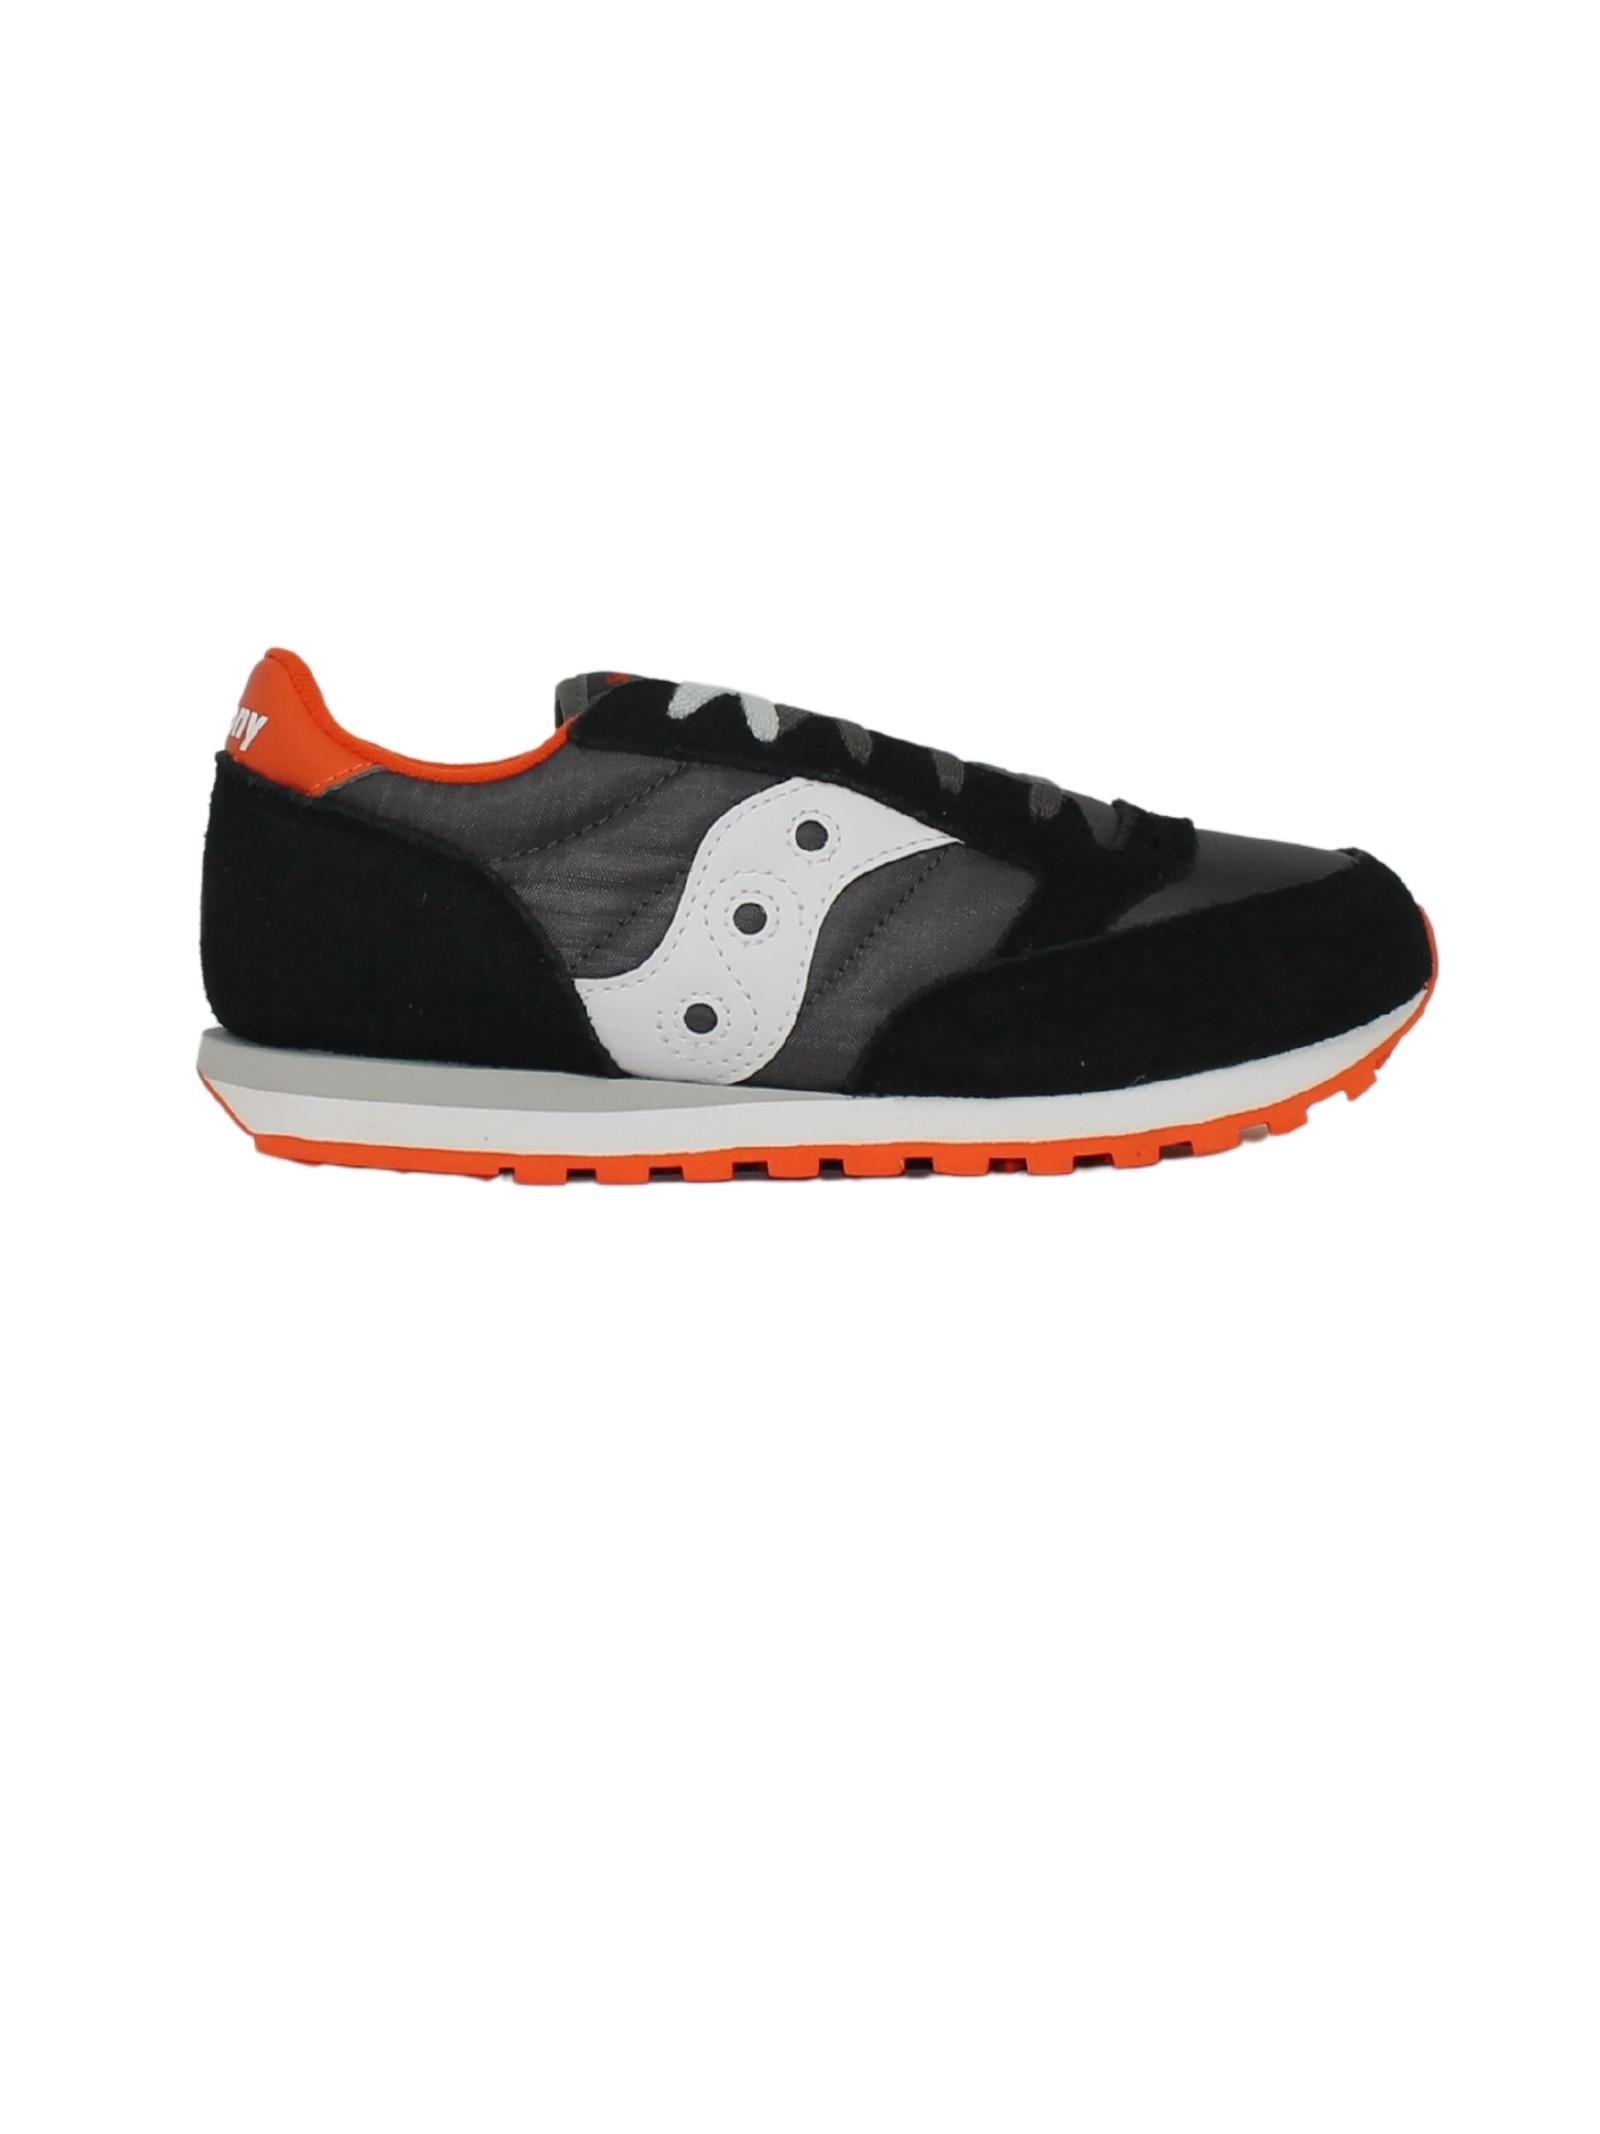 Sneakers Jazz Black Orange Bambino SAUCONY KIDS   Sneakers   SK265128BLACK/ORANGE